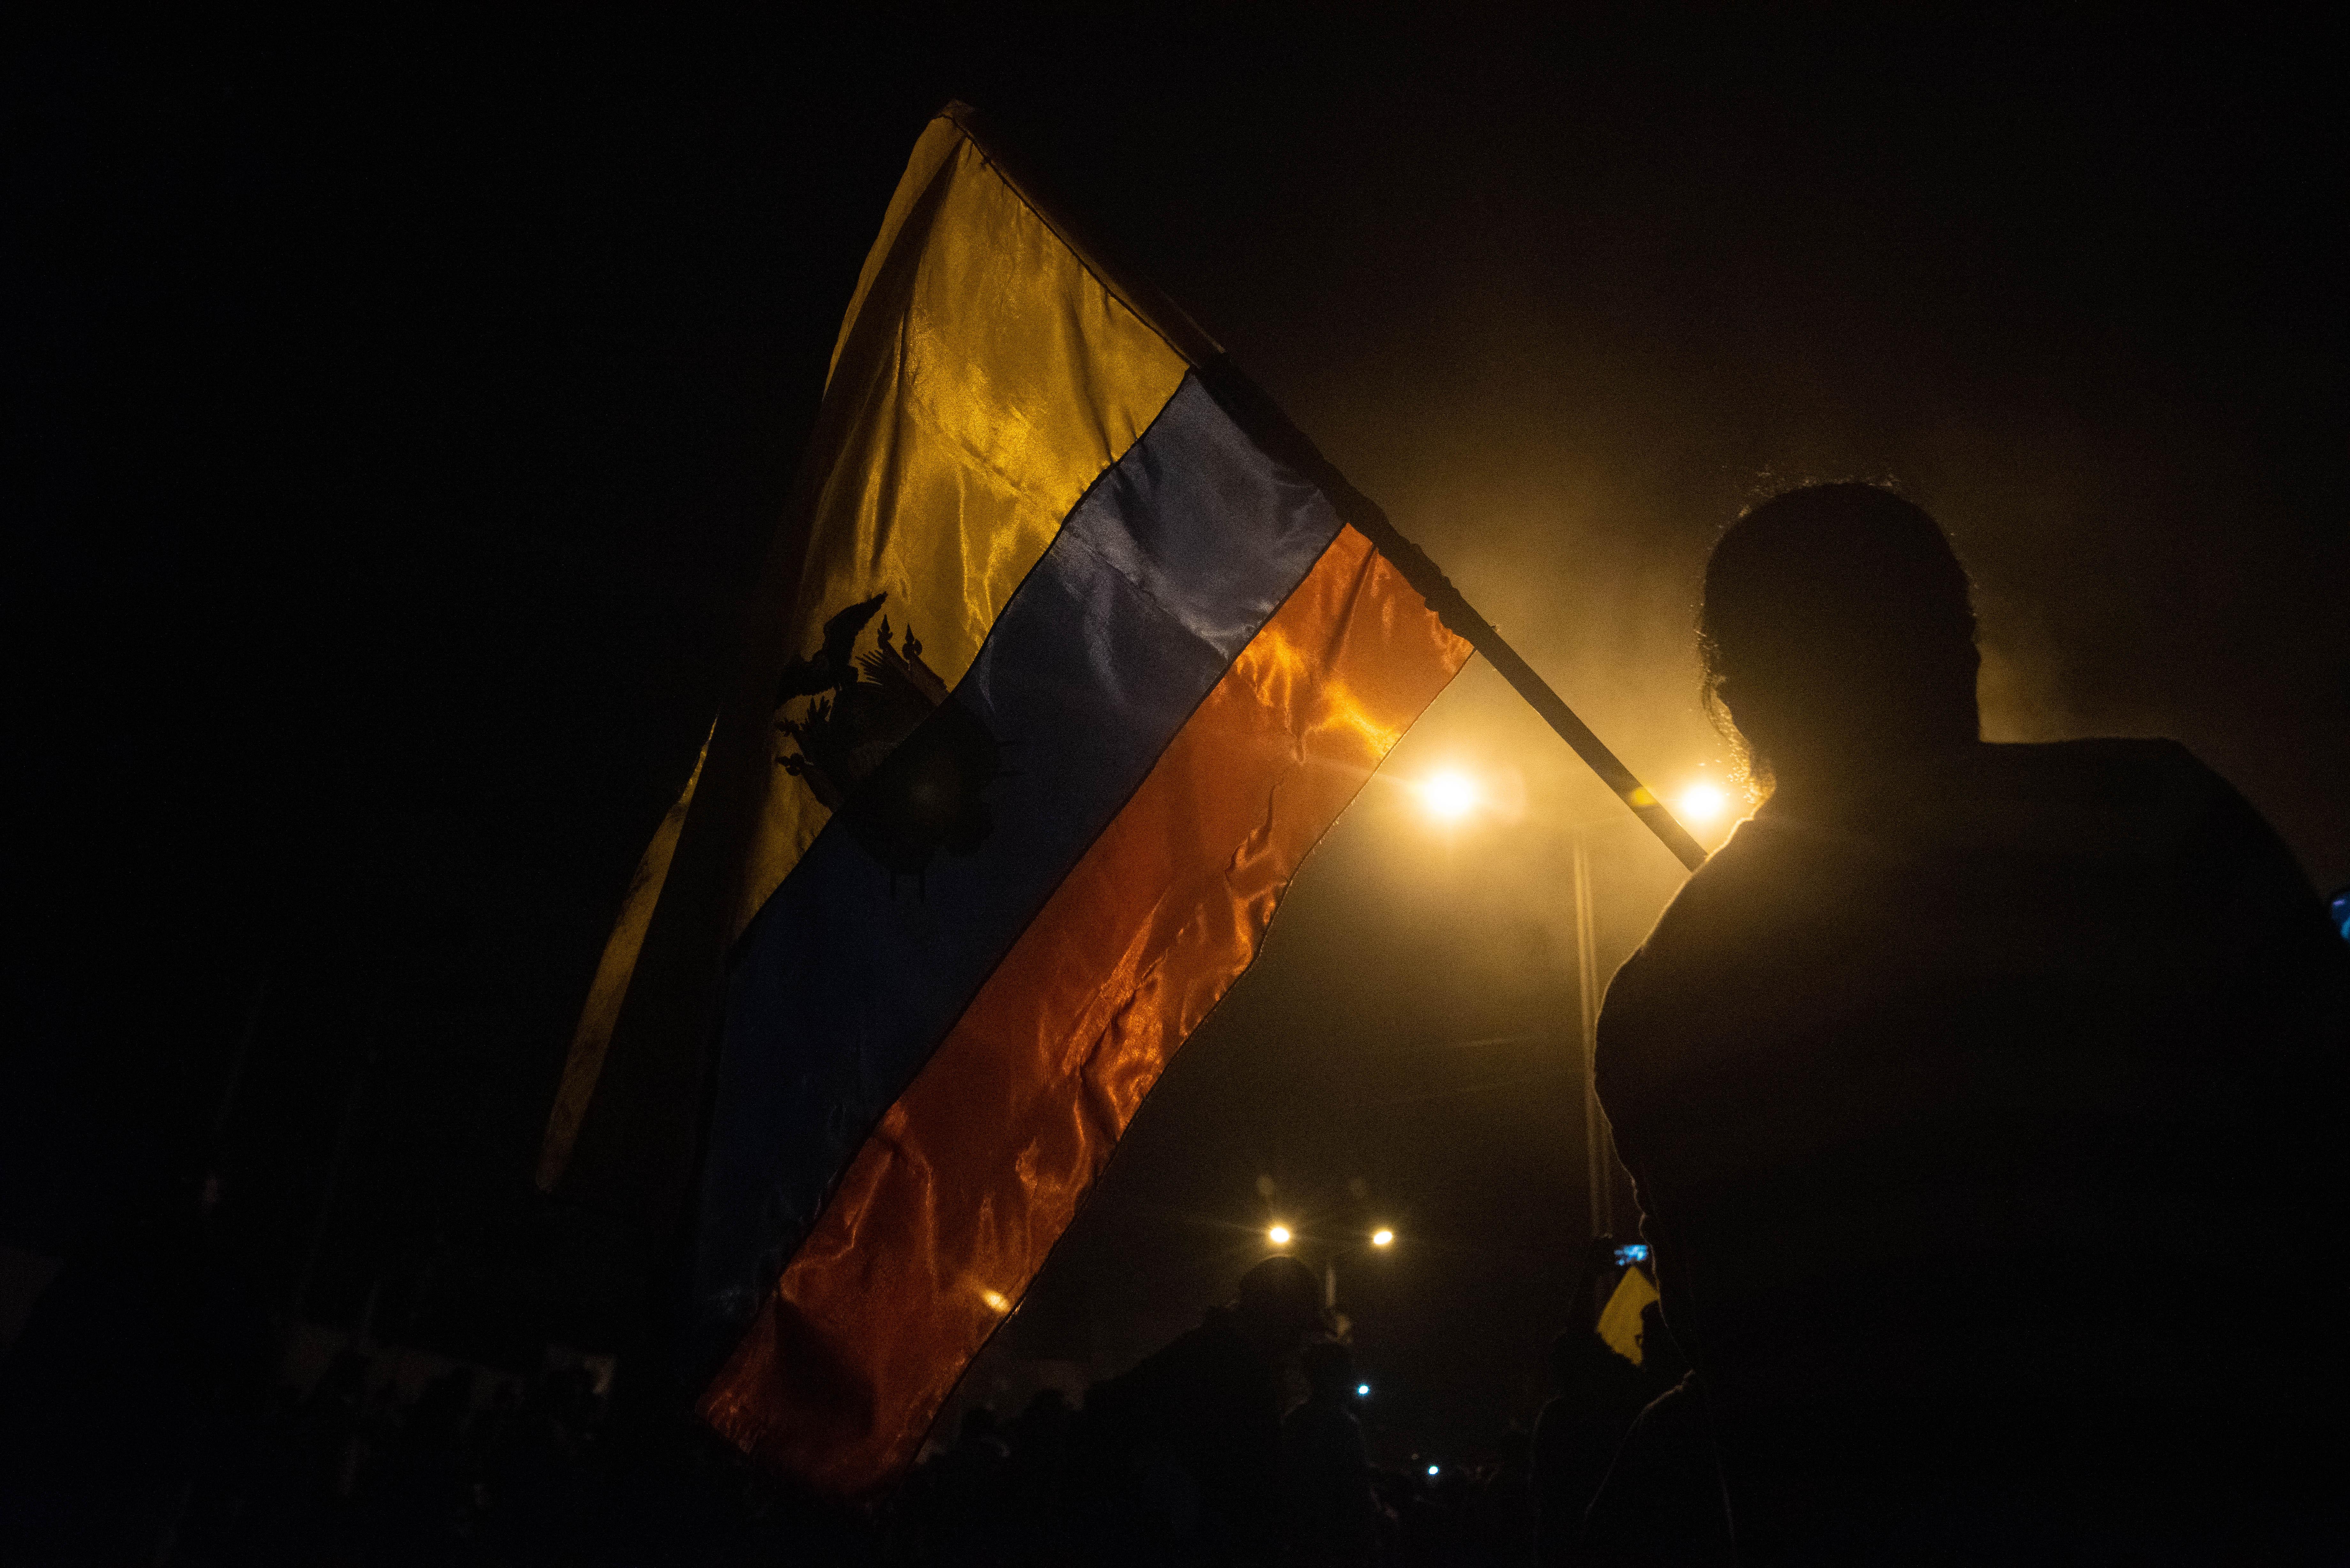 Un ciudadano festeja con la bandera ecuatoriana en alto durante las celebraciones que estallaron el domingo por la noche en la capital ecuatoriana.